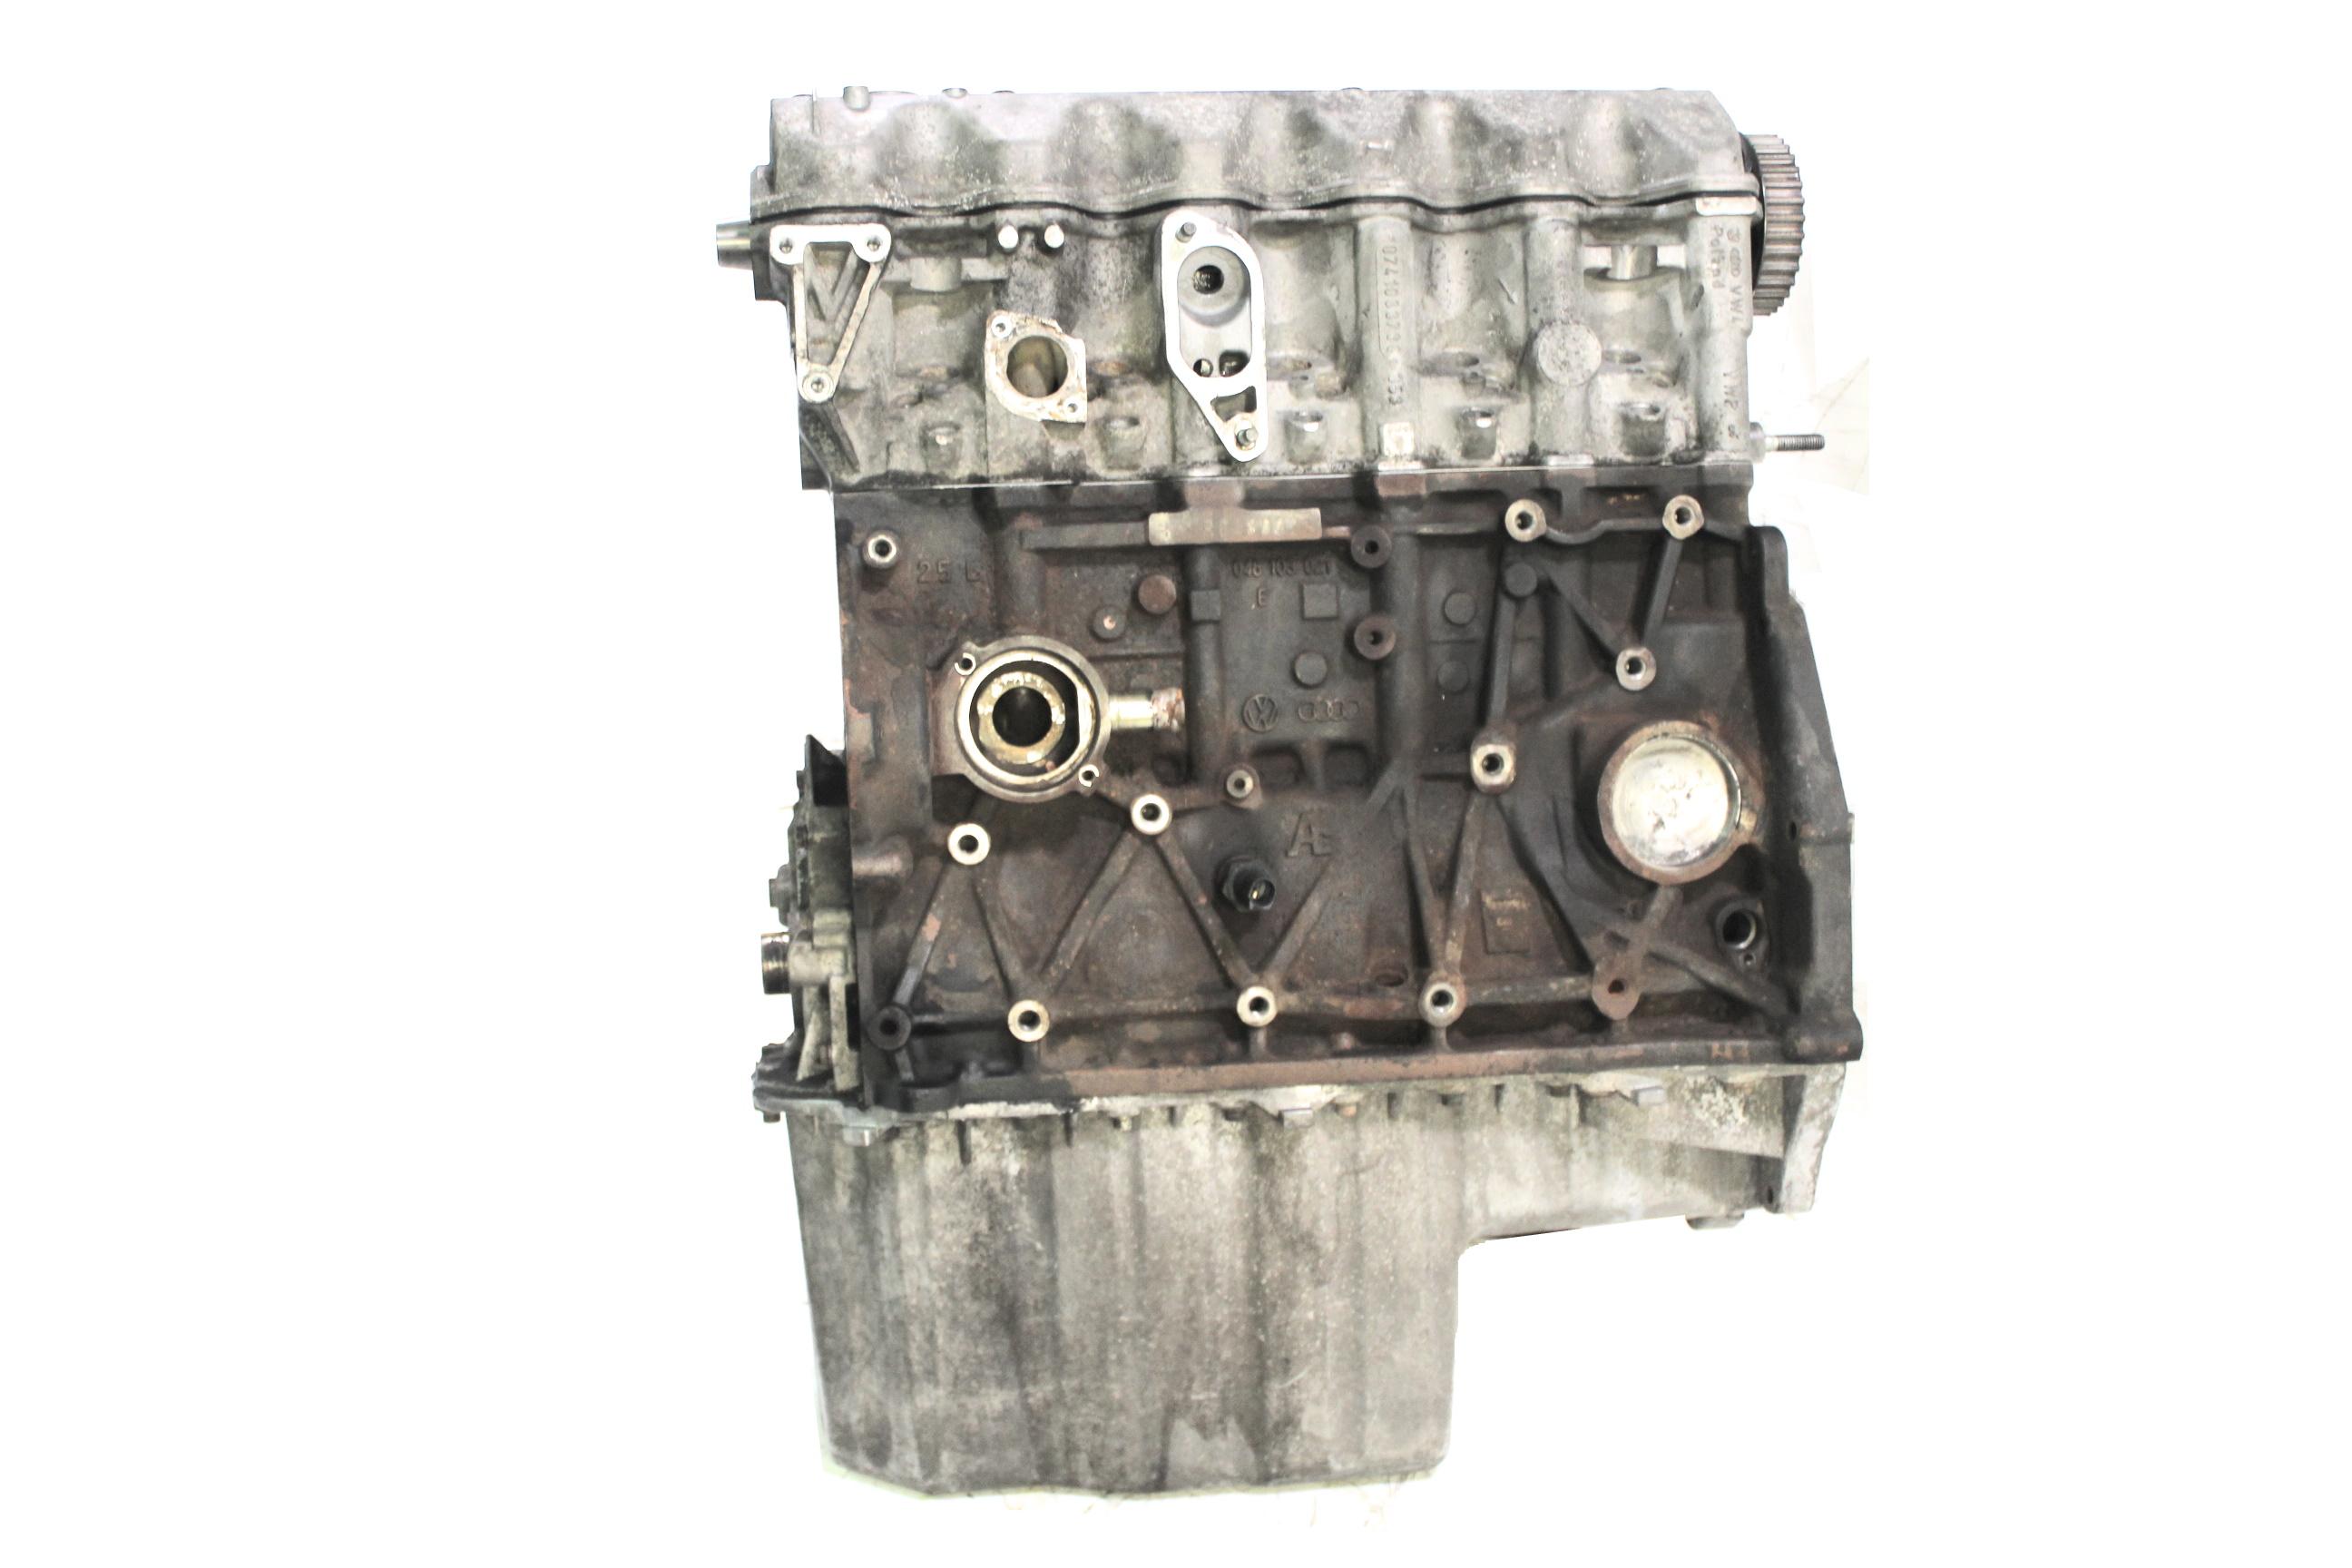 Motor 2001 VW LT 28-35 II 28-46 II 2,5 TDI Diesel AVR 109 PS